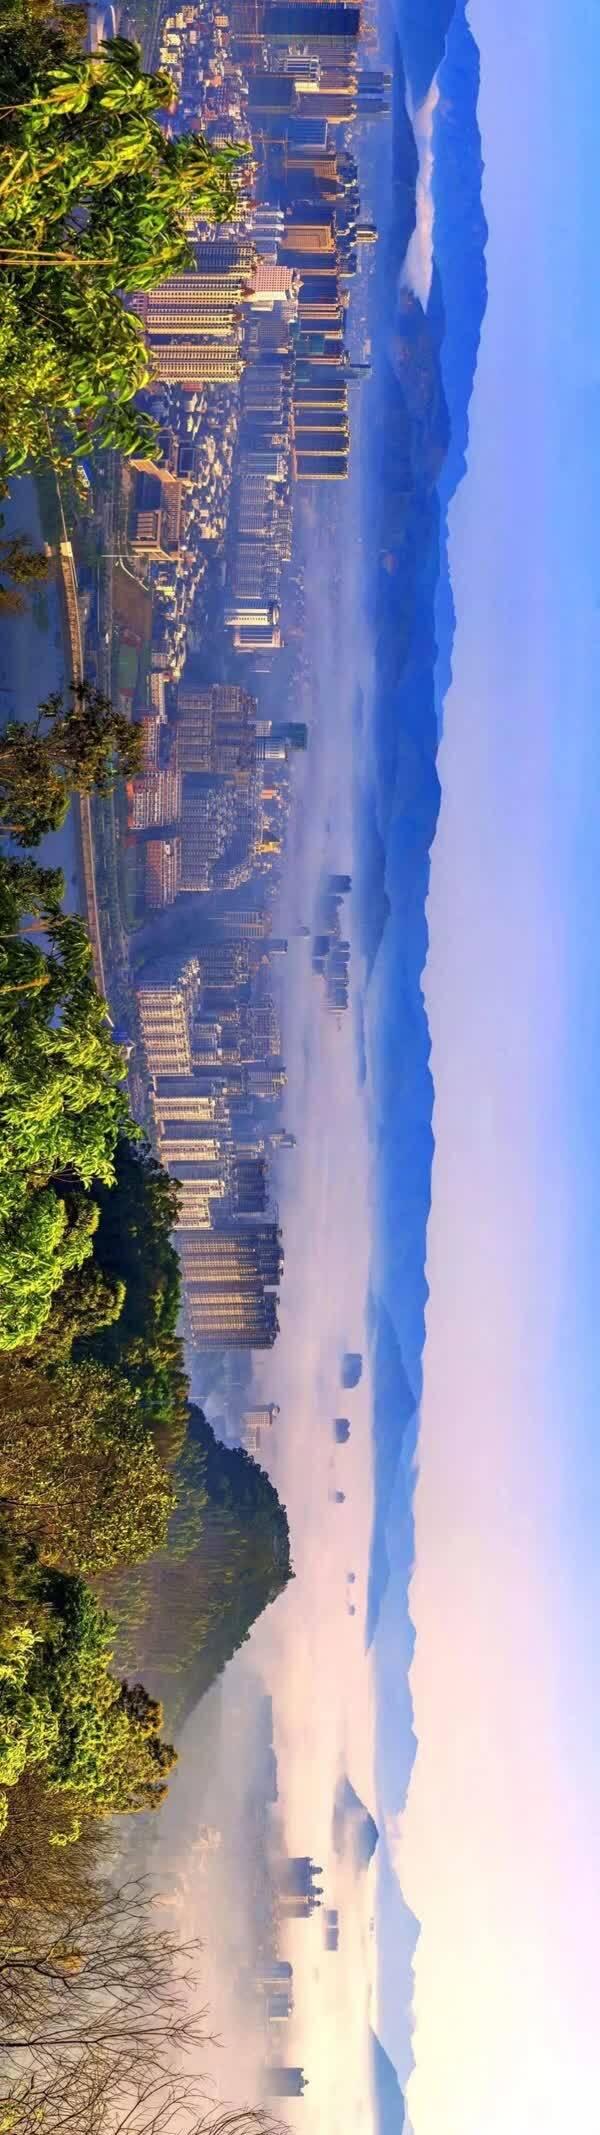 原标题:【聚焦】福清,40年!!! 这是一座古老而又年轻的城市 这是一座美丽而又富饶的城市 这是一座全面开放,正在走向世界的城市 这就是三福之地 福建福州福清 改革开放已走过40个春秋 作为福清人 回望这段岁月 哪一幅画面? 最让你心动 哪一片风景? 让你心潮澎湃  这里是老城区